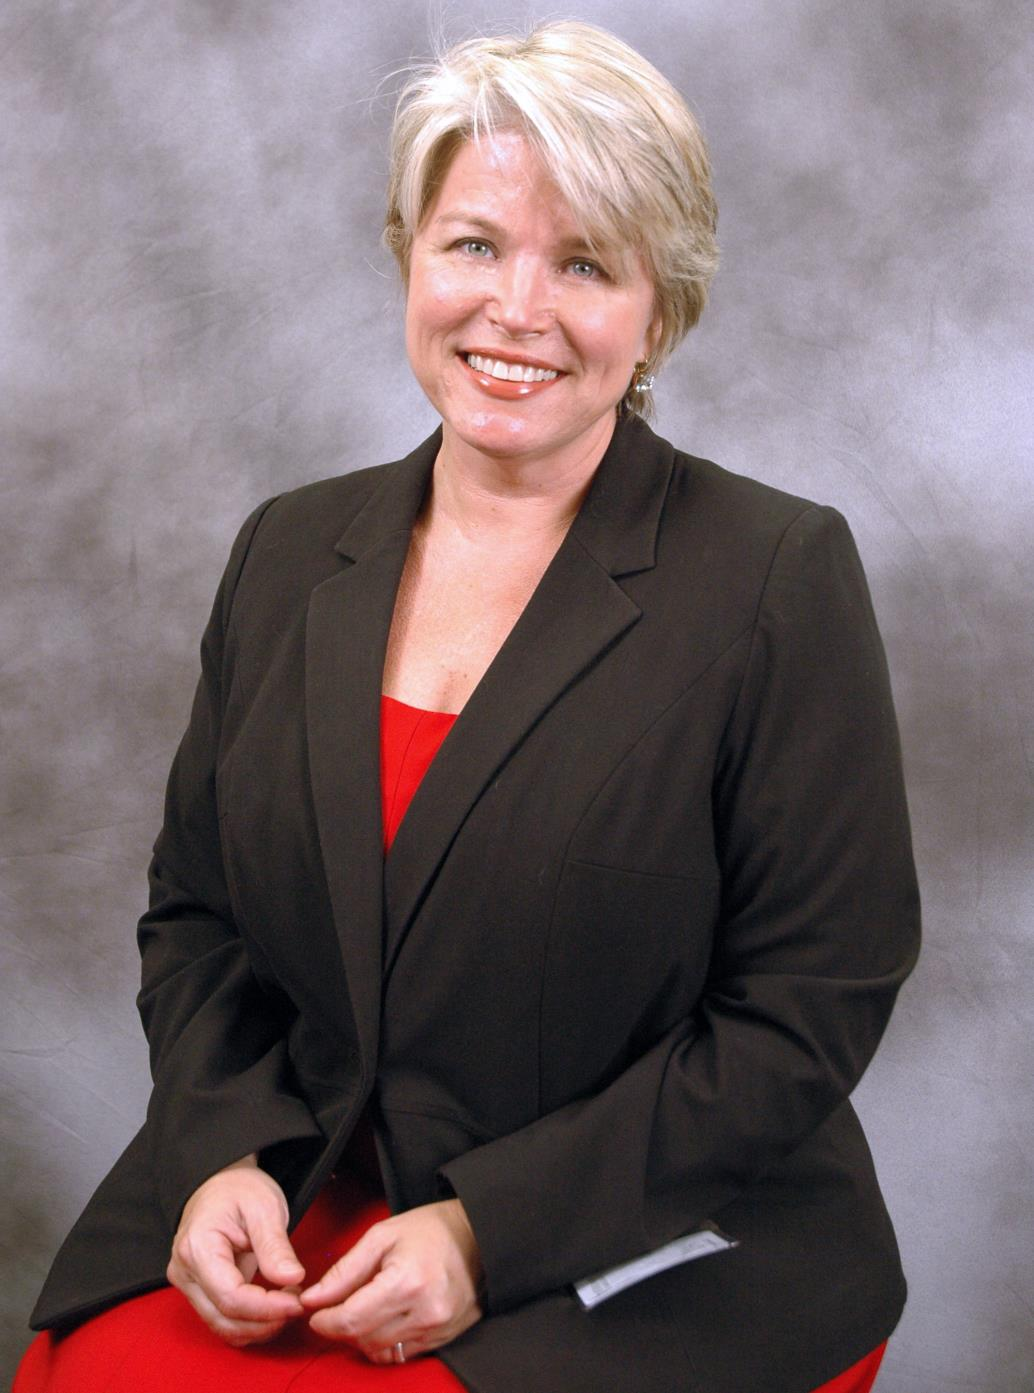 Leslie Olson